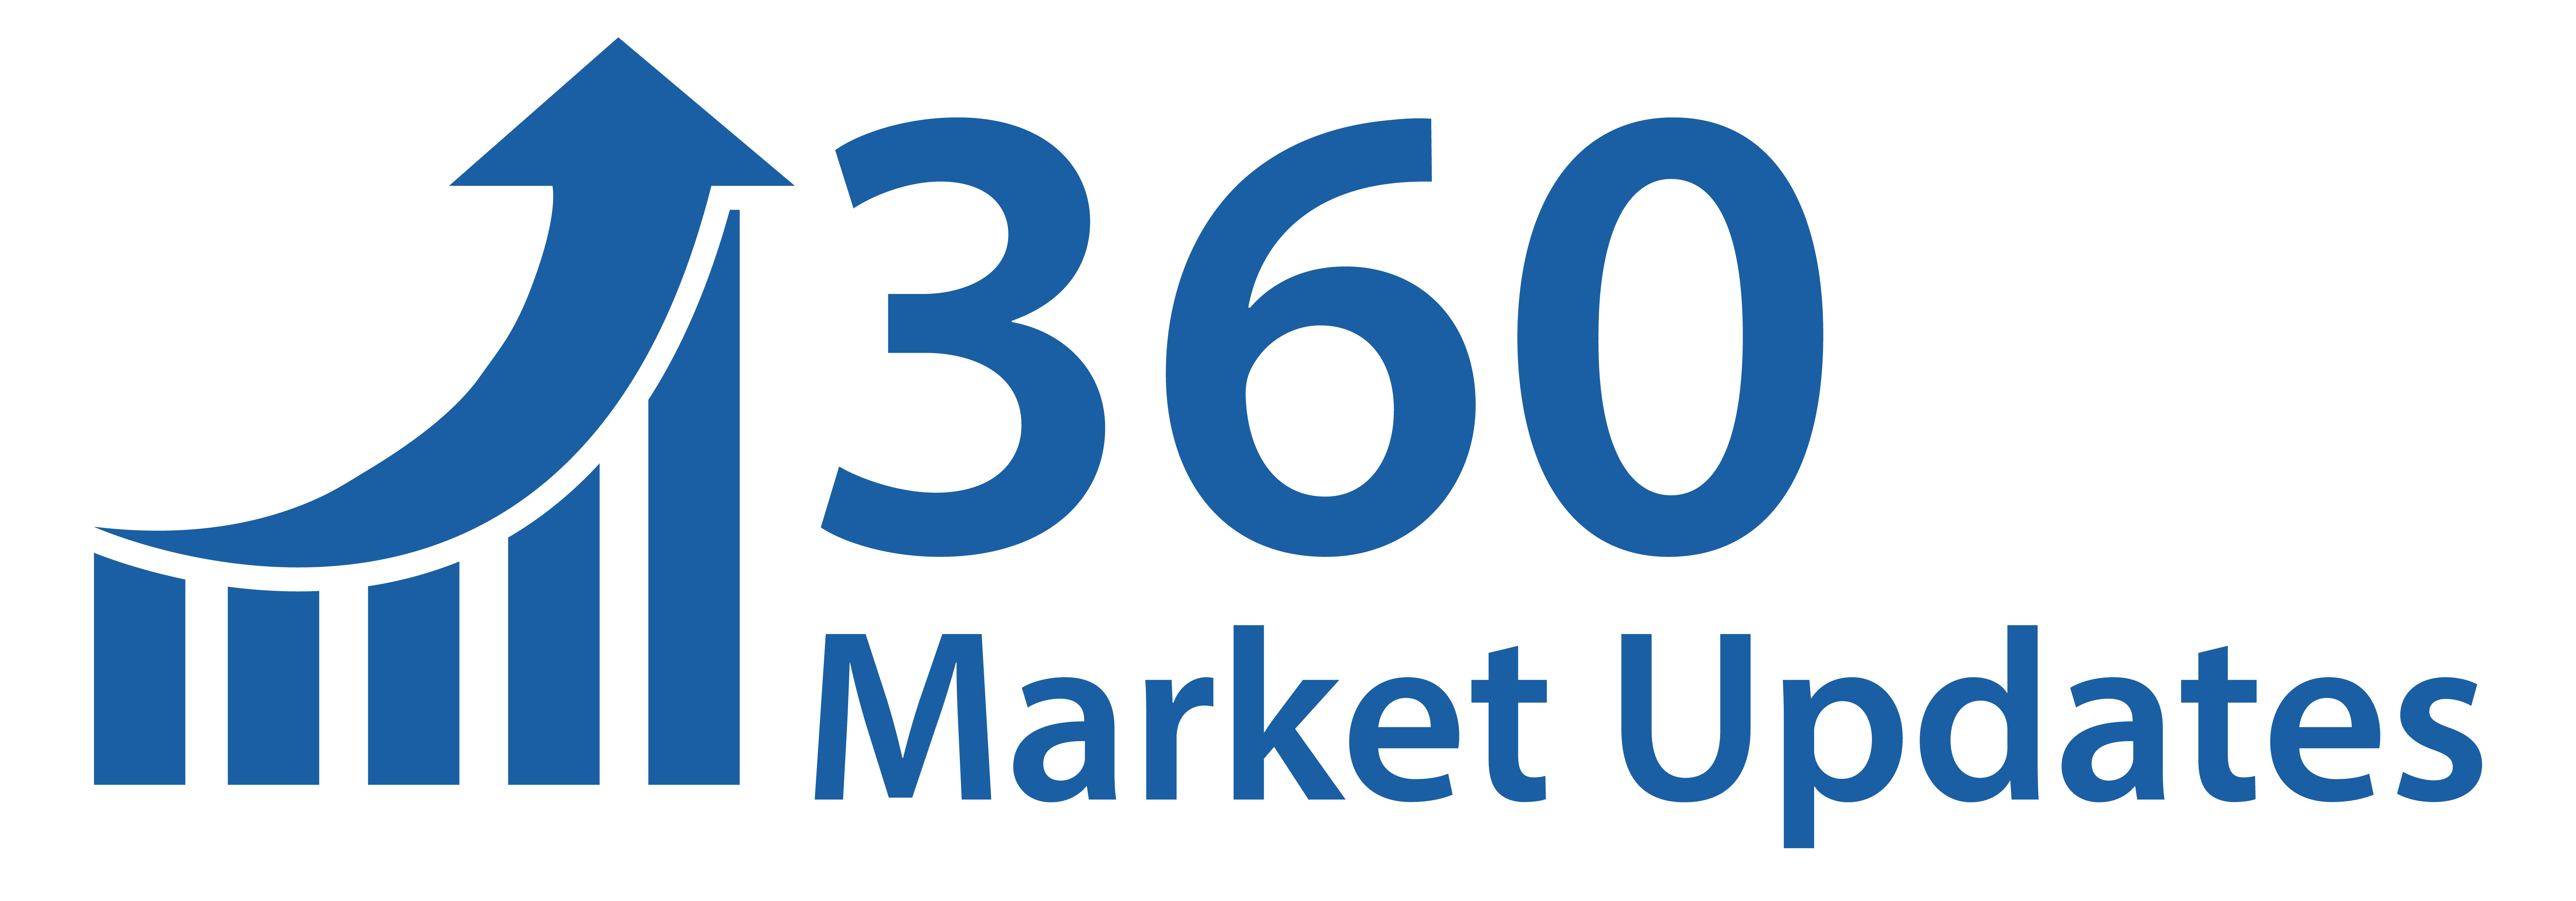 Mercado de Procesamiento de Papas Estado actual de la industria & Oportunidades de crecimiento, Top Key Players-Intersnack Group GmbH & Co.